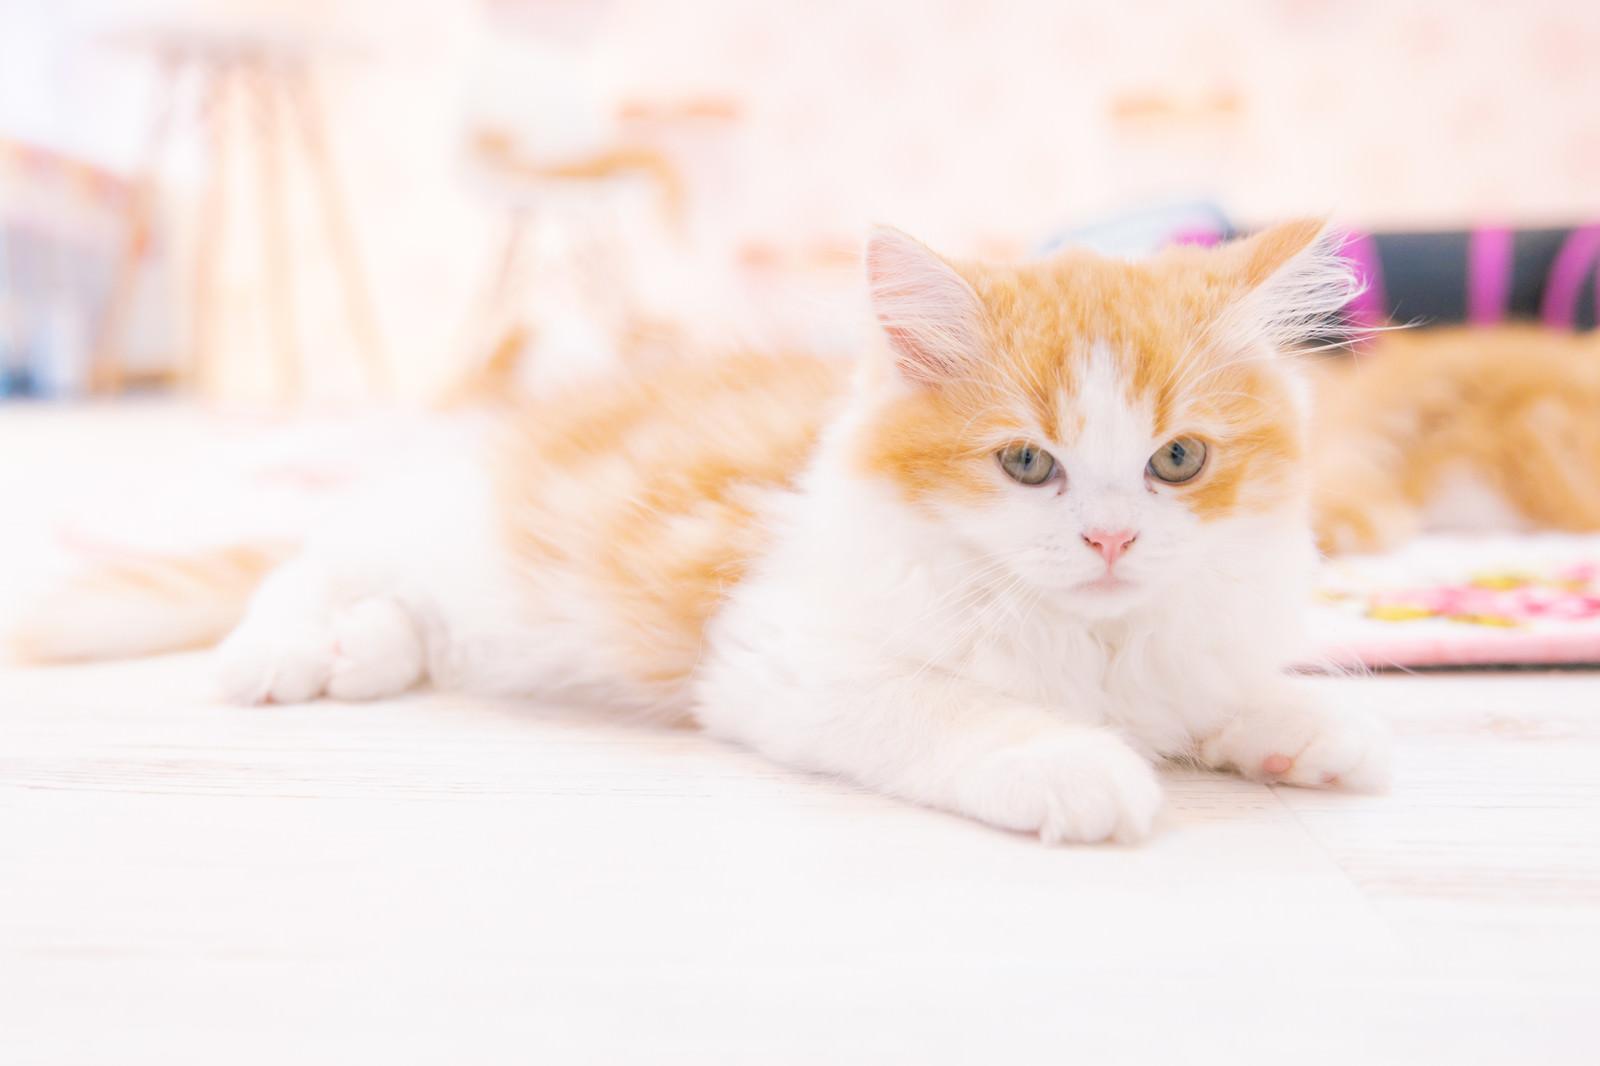 「もふもふの子猫ちゃん」の写真